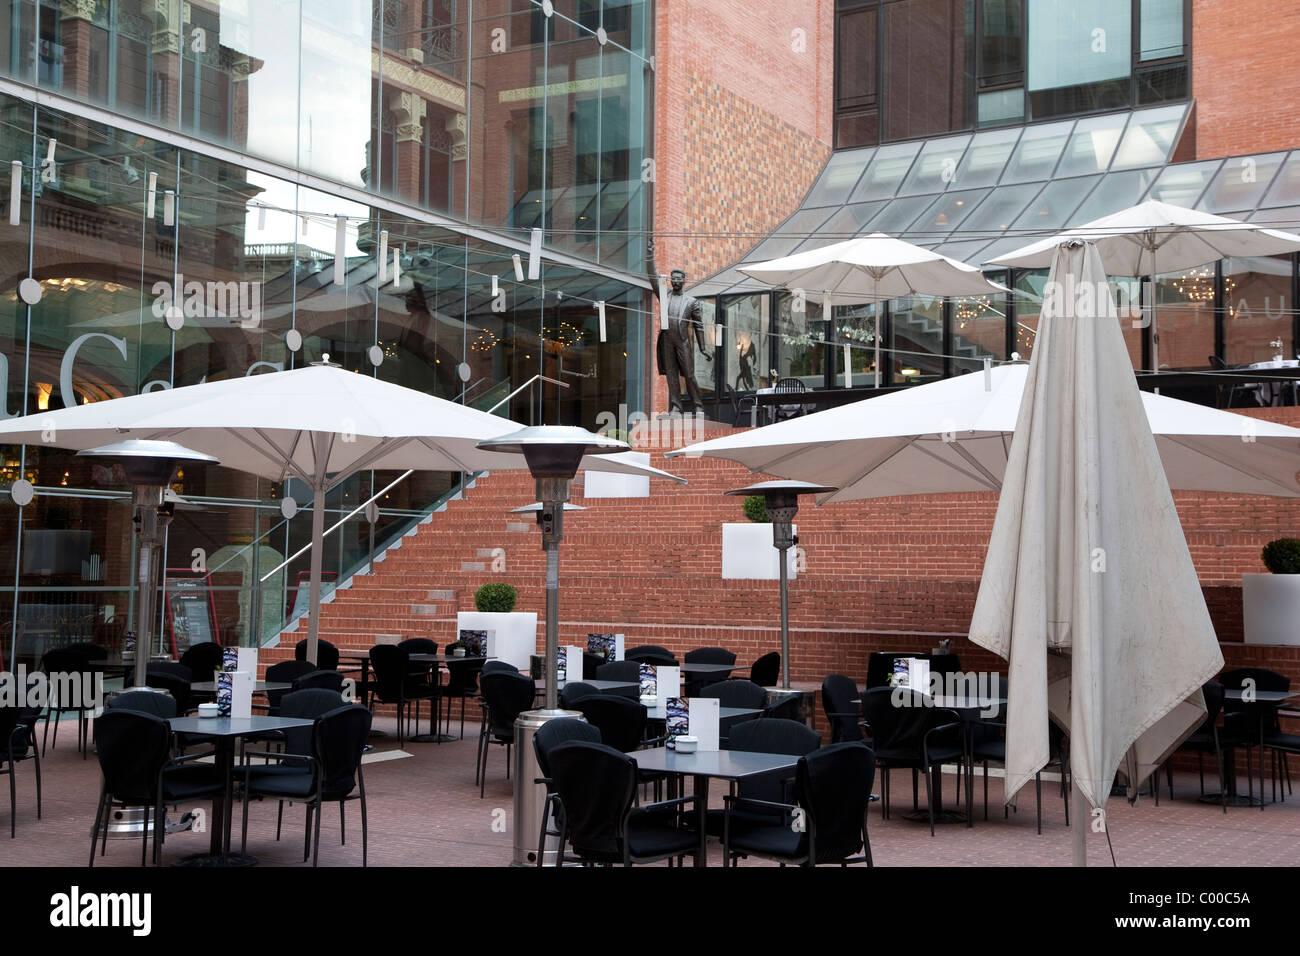 Cafe Terrace Of The Palau De La Musica Catalana Barcelona